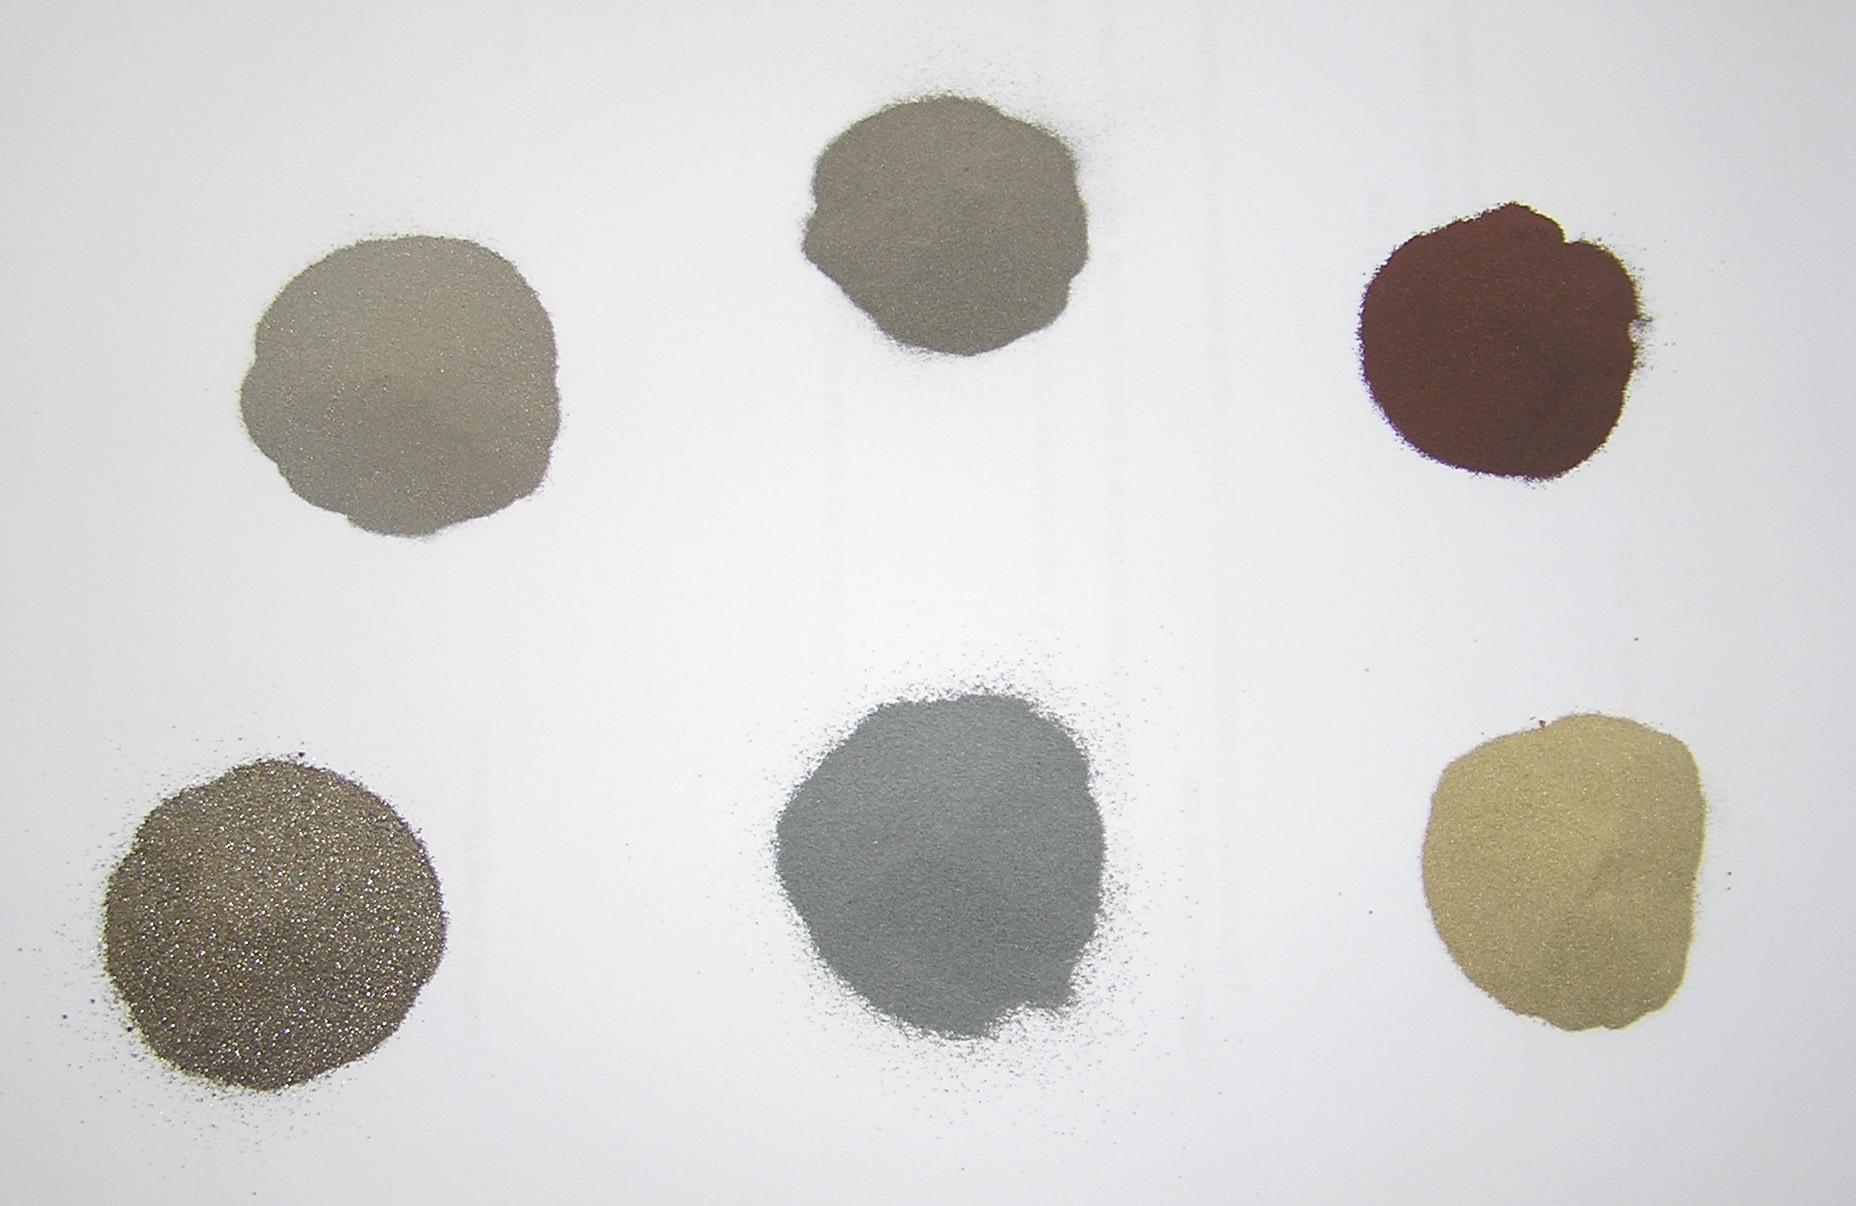 Порошки металлов и их сплавов. По часовой стрелке с нижнего левого угла: хром, нихром, мельхиор, медь, латунь, в центре - цинк